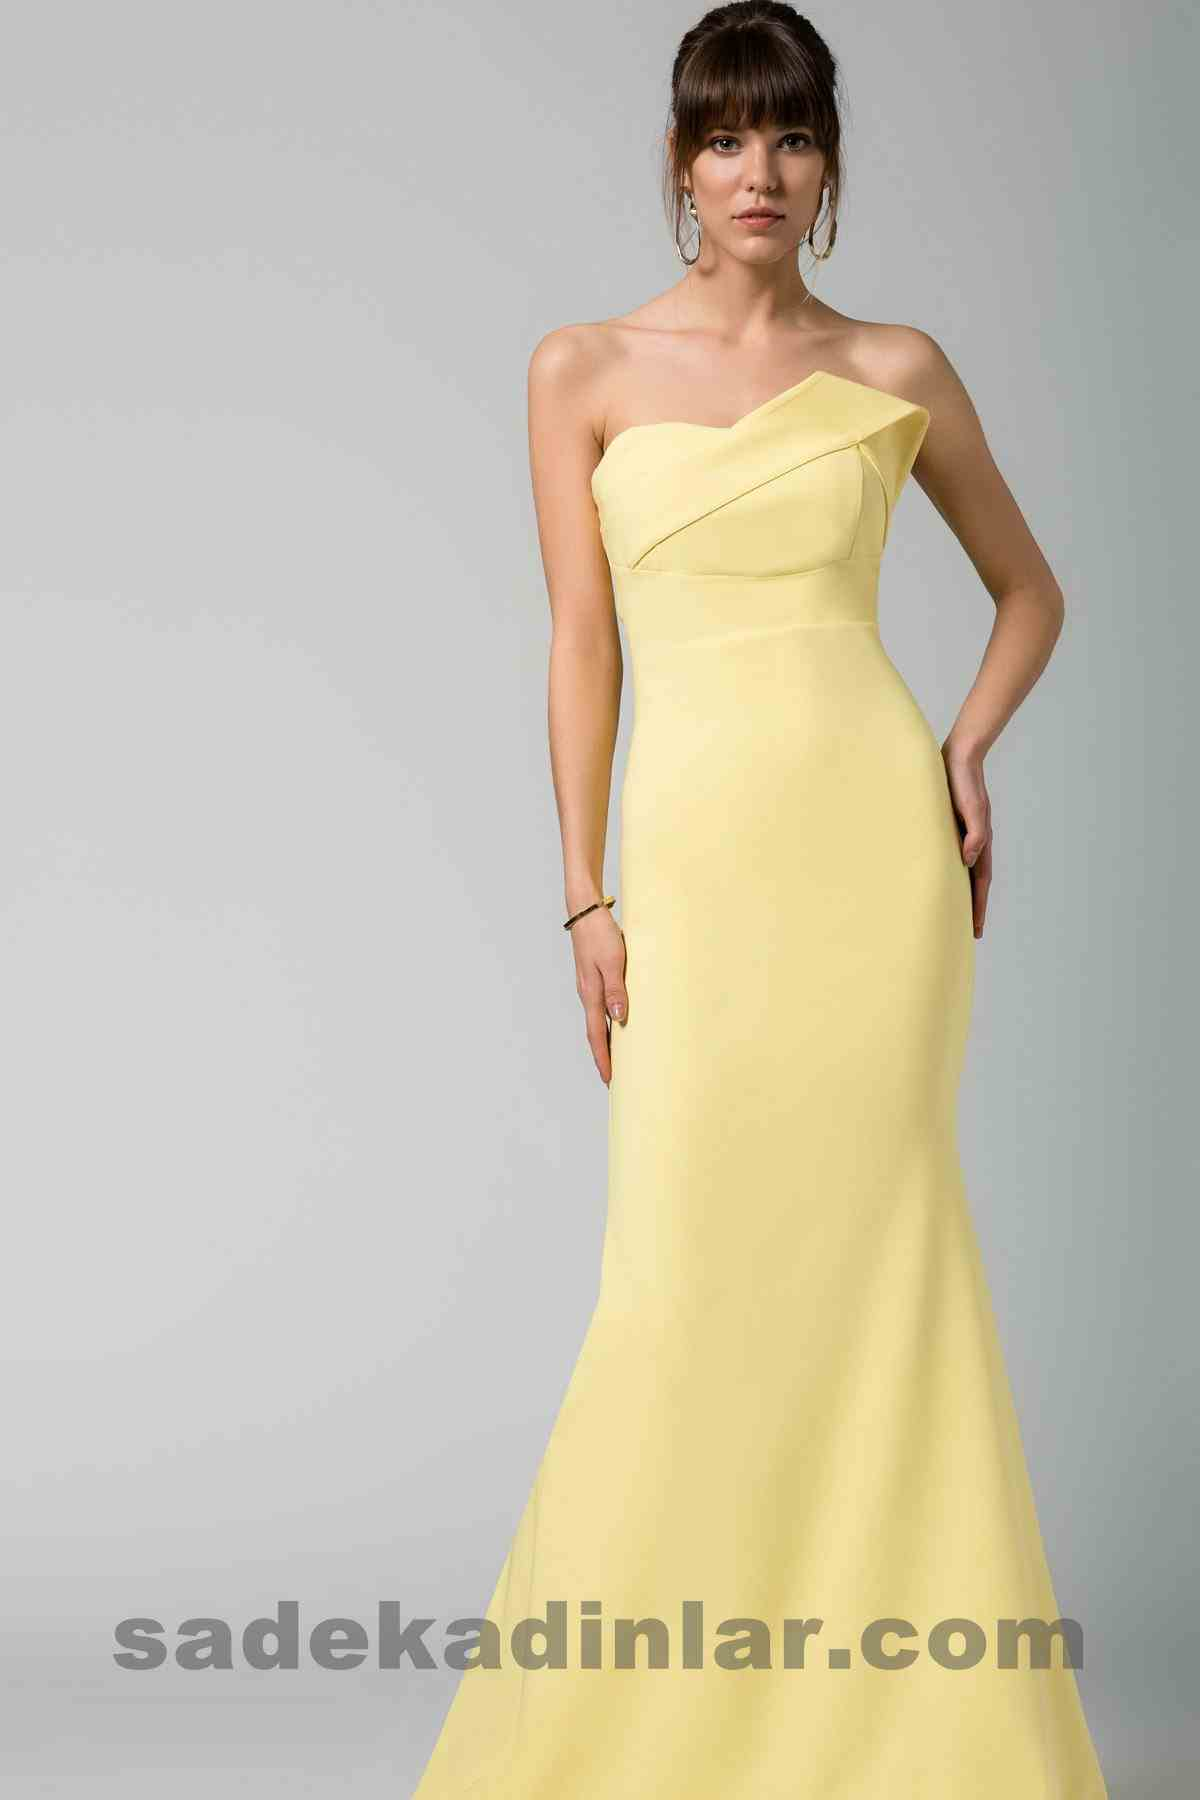 Abiye Elbise Modelleri Şık ve Güzel 2019 Gece Elbiseleri Sarı Straplez